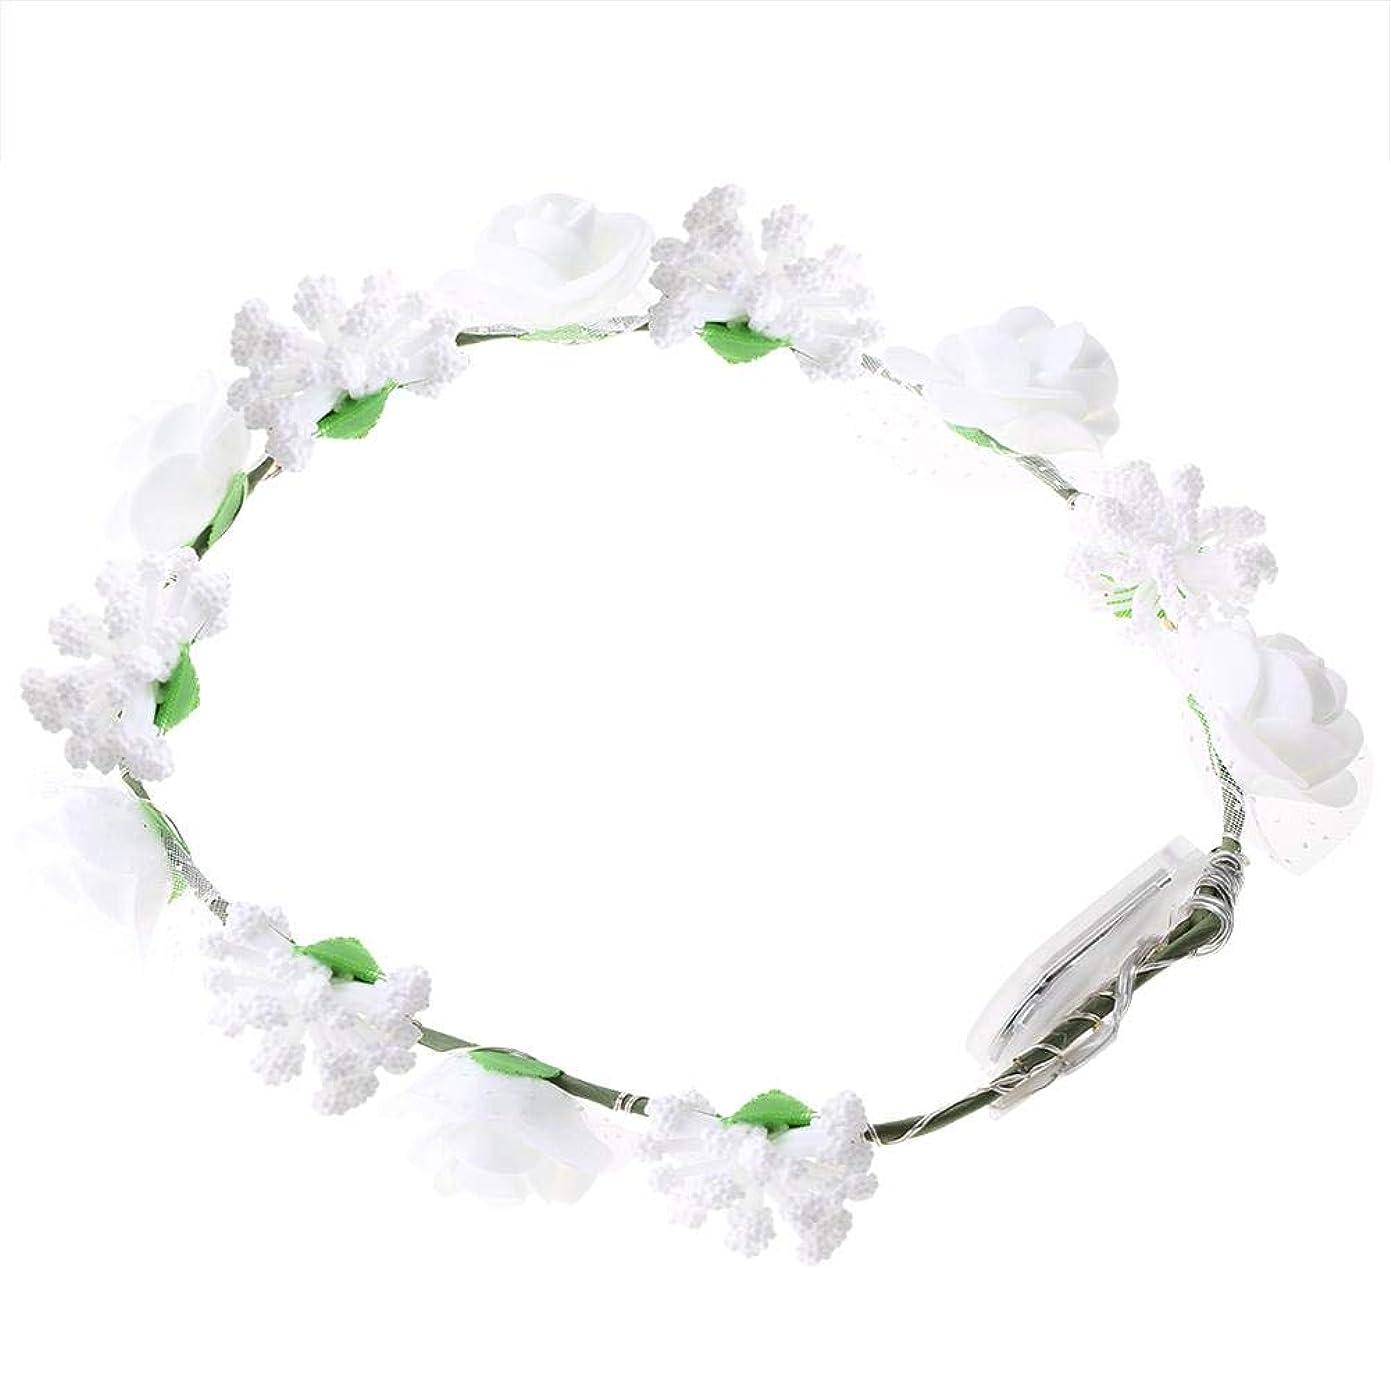 式国勢調査状Semme LEDの花の王冠、照明髪の花輪耐久性のあるLEDローズ花ライト妖精照明髪の花輪ライトアップ花の冠(White)